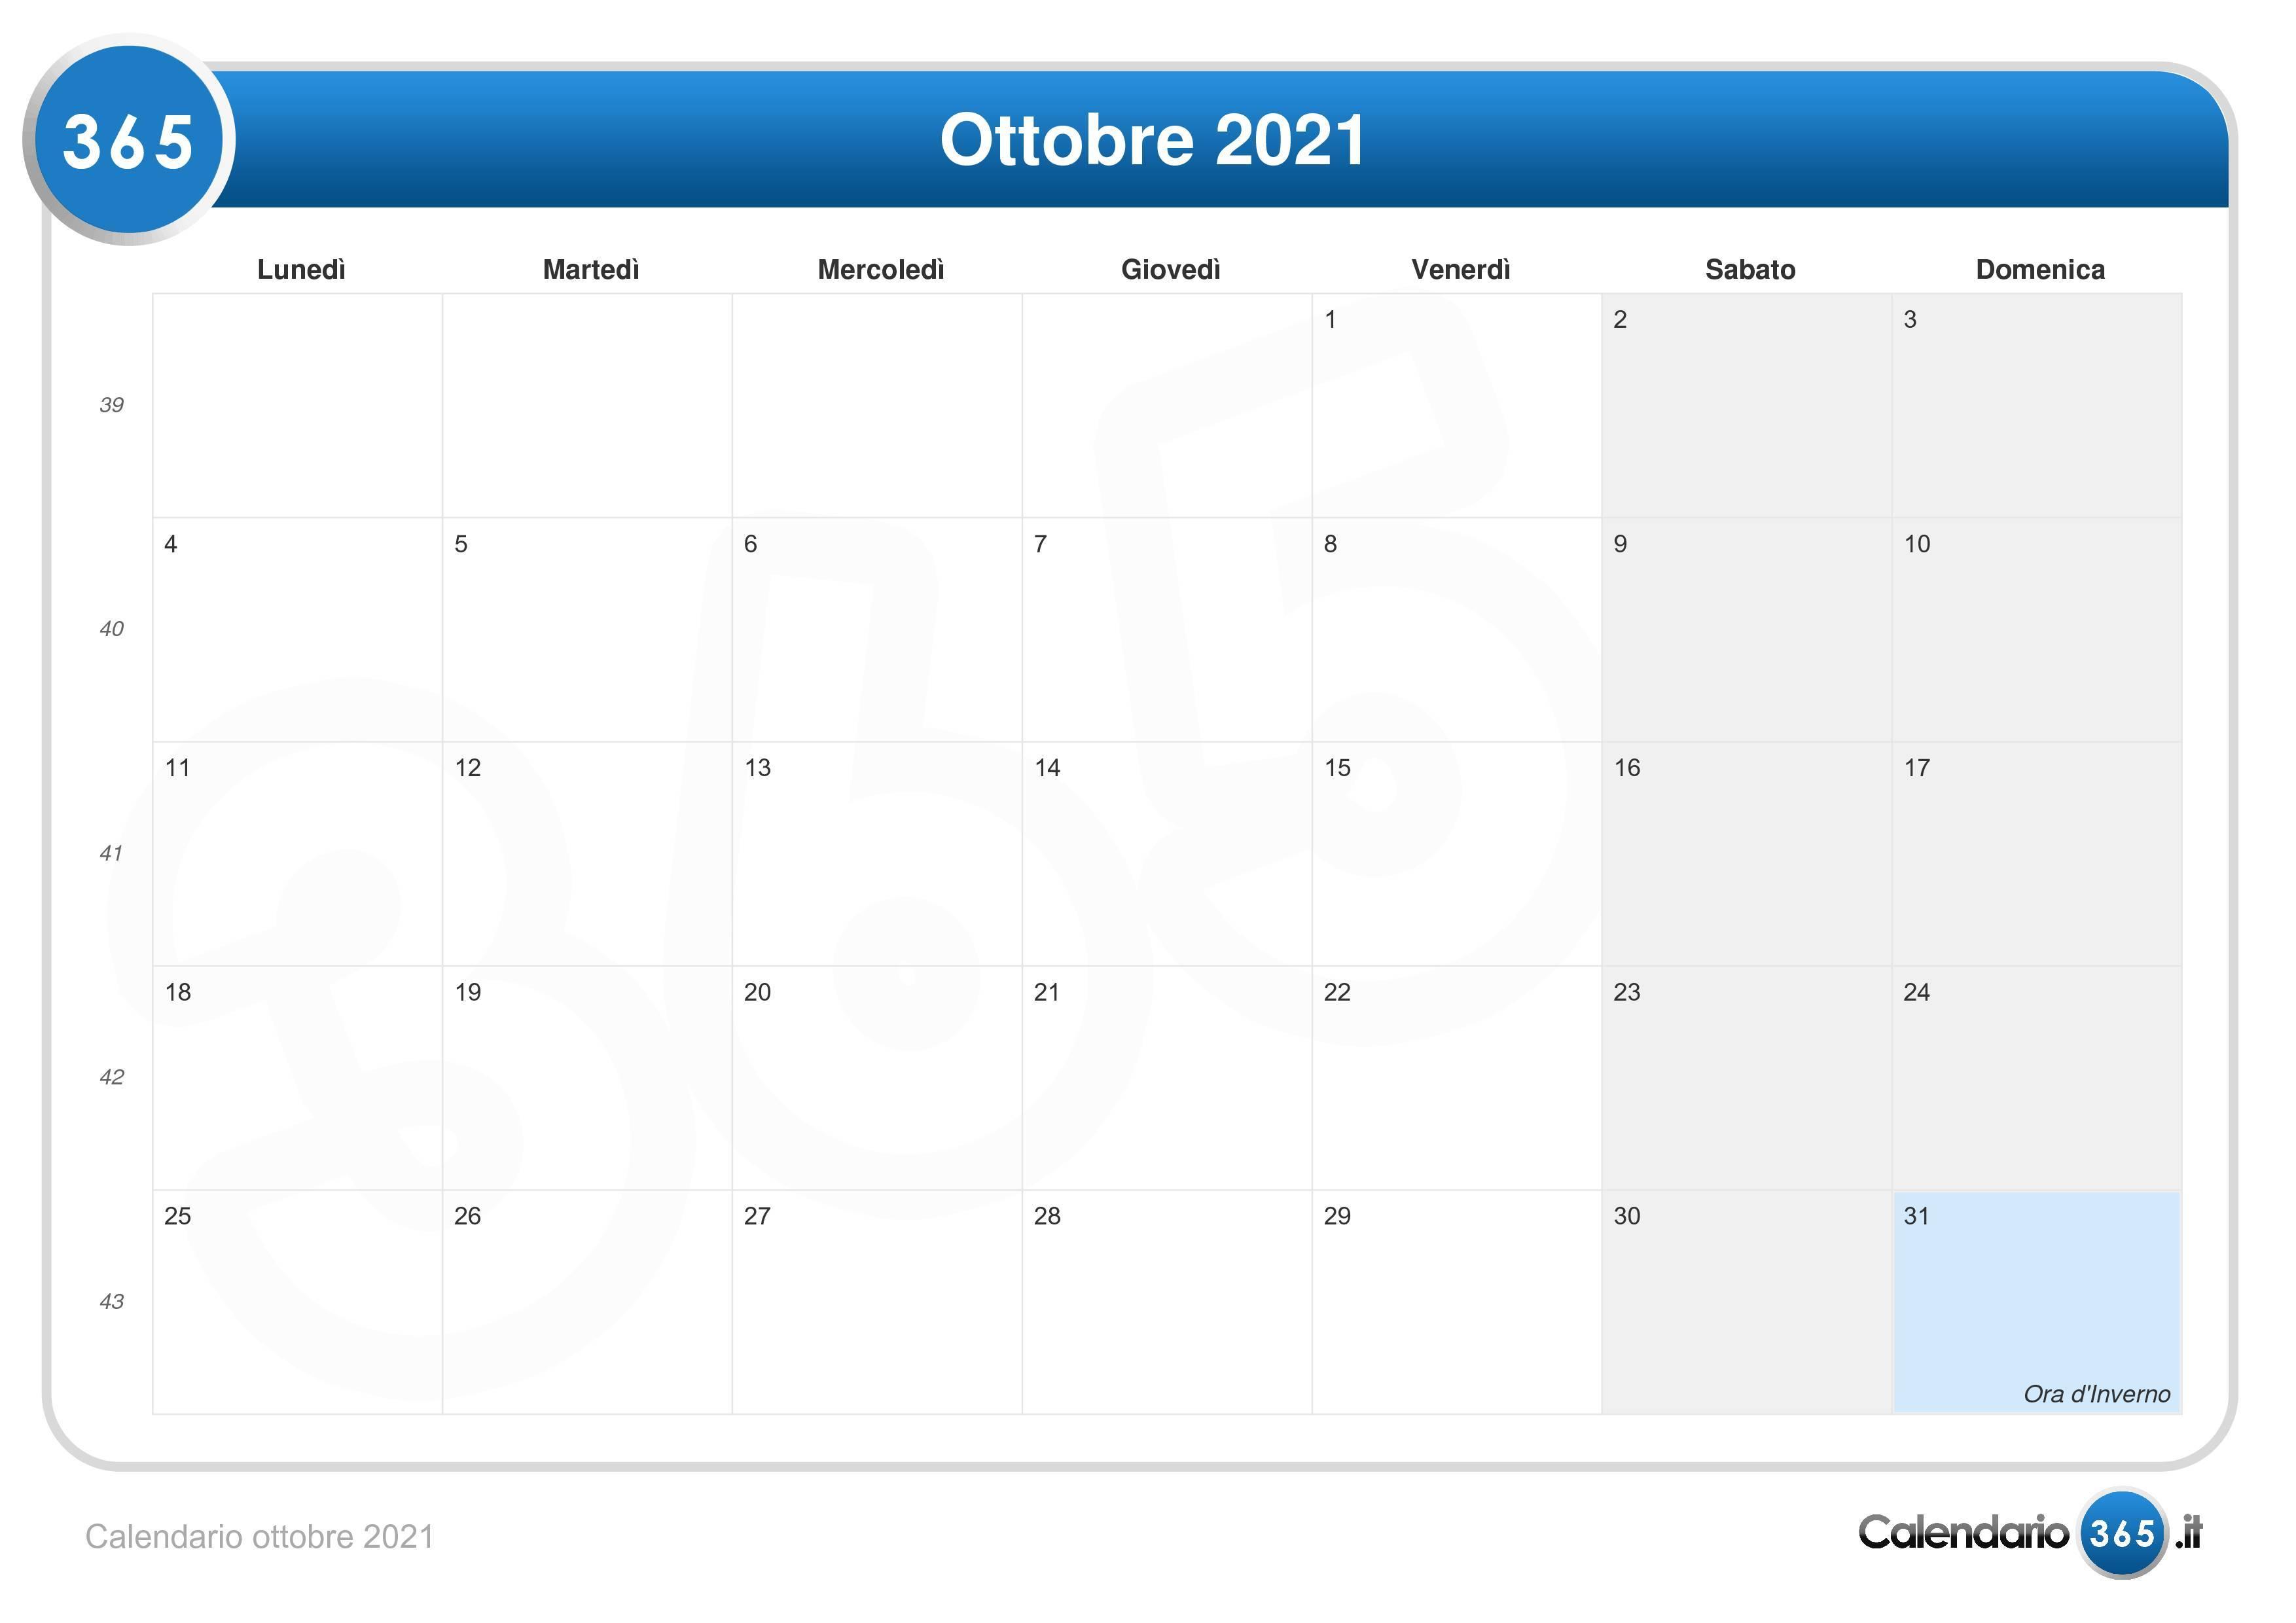 Calendario 1 Ottobre 2021 Calendario ottobre 2021